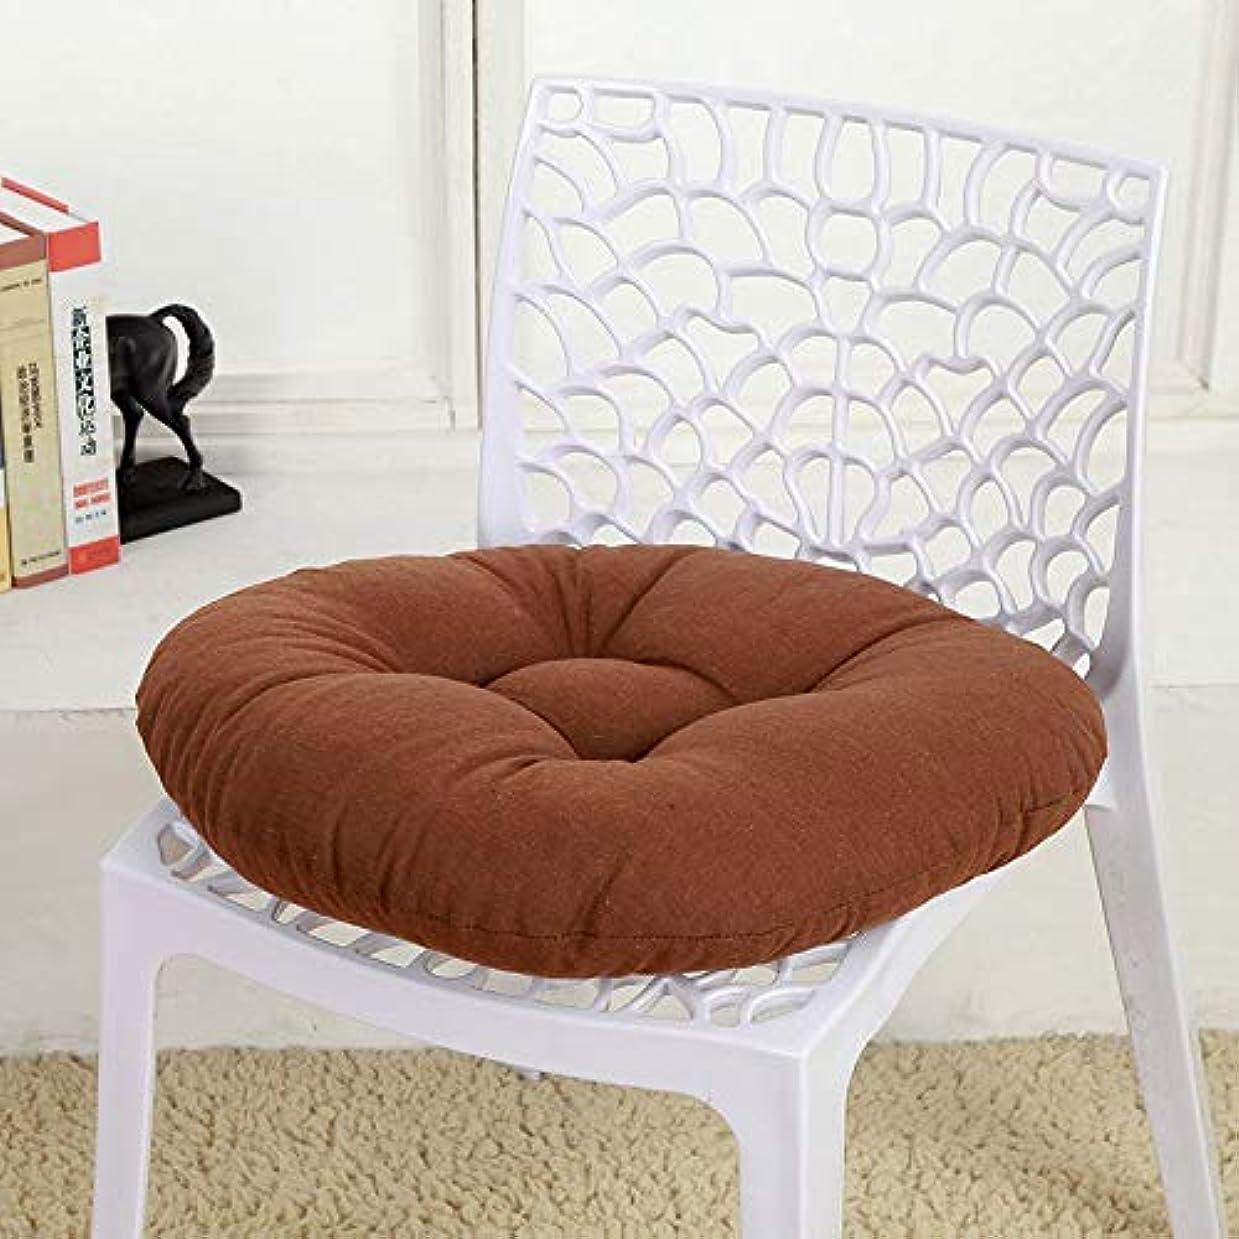 下る思春期何もないLIFE キャンディカラーのクッションラウンドシートクッション波ウィンドウシートクッションクッション家の装飾パッドラウンド枕シート枕椅子座る枕 クッション 椅子